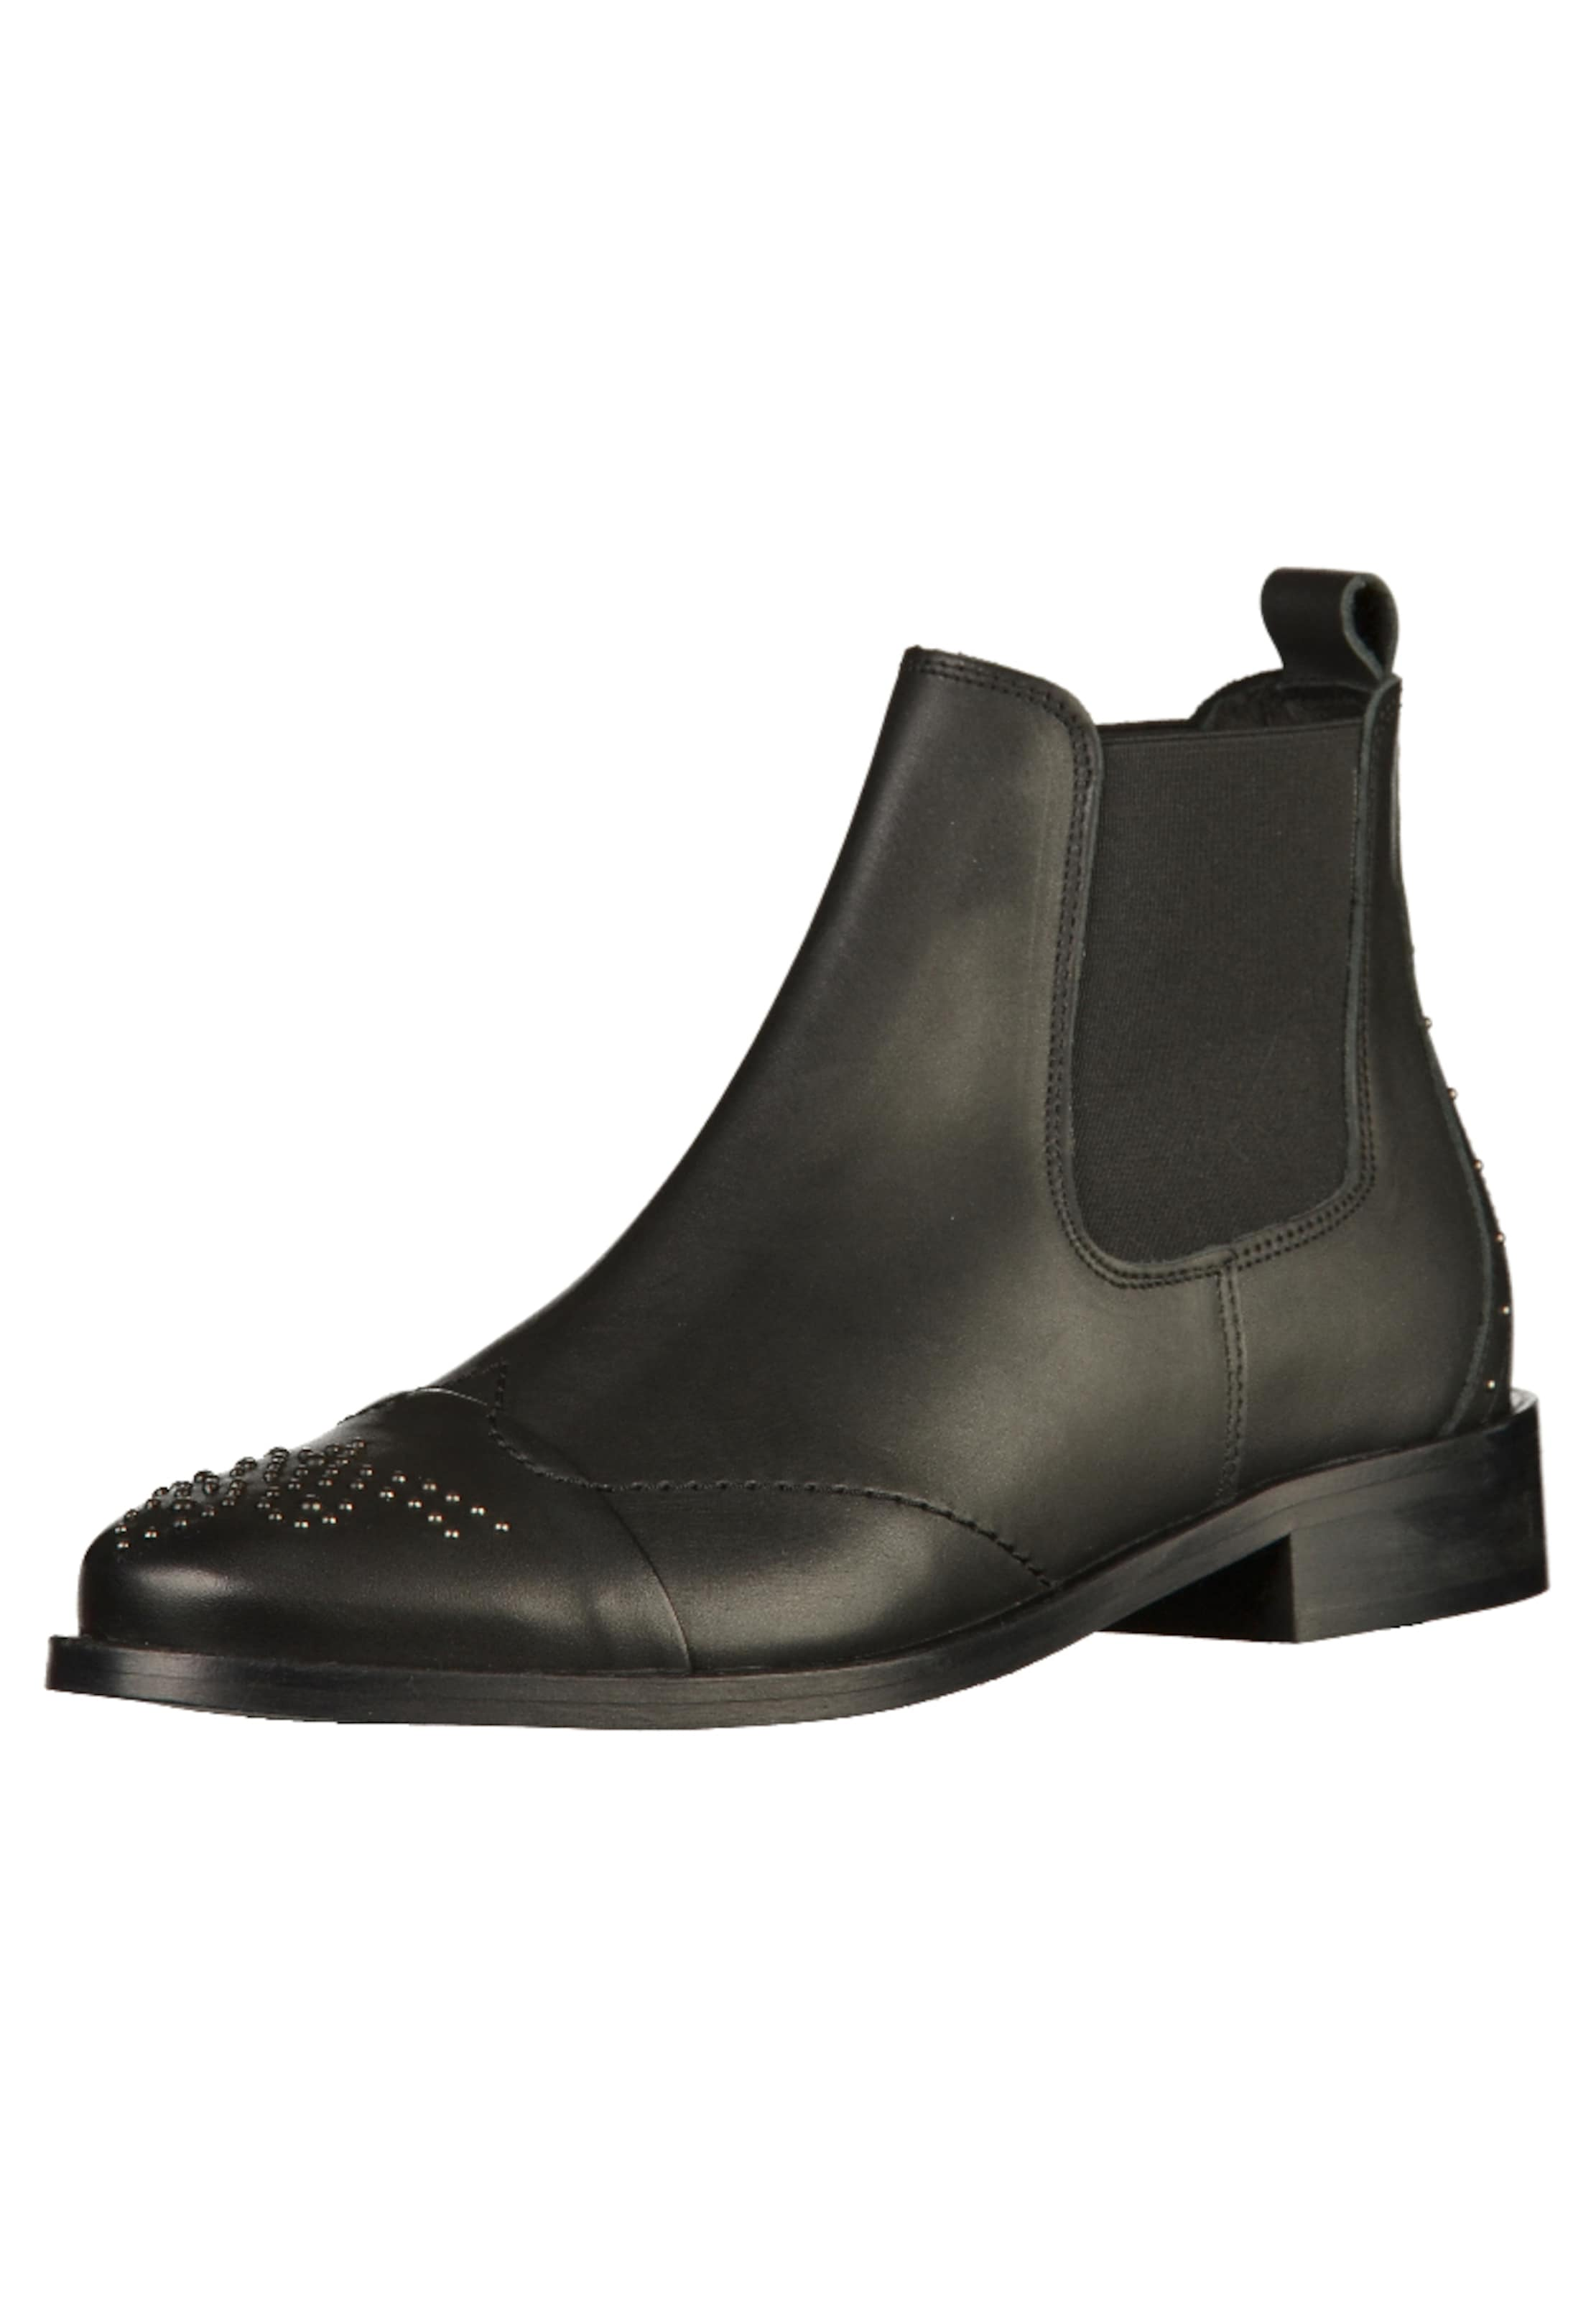 SPM Stiefelette Verschleißfeste Verschleißfeste Stiefelette billige Schuhe Hohe Qualität 59ef5d